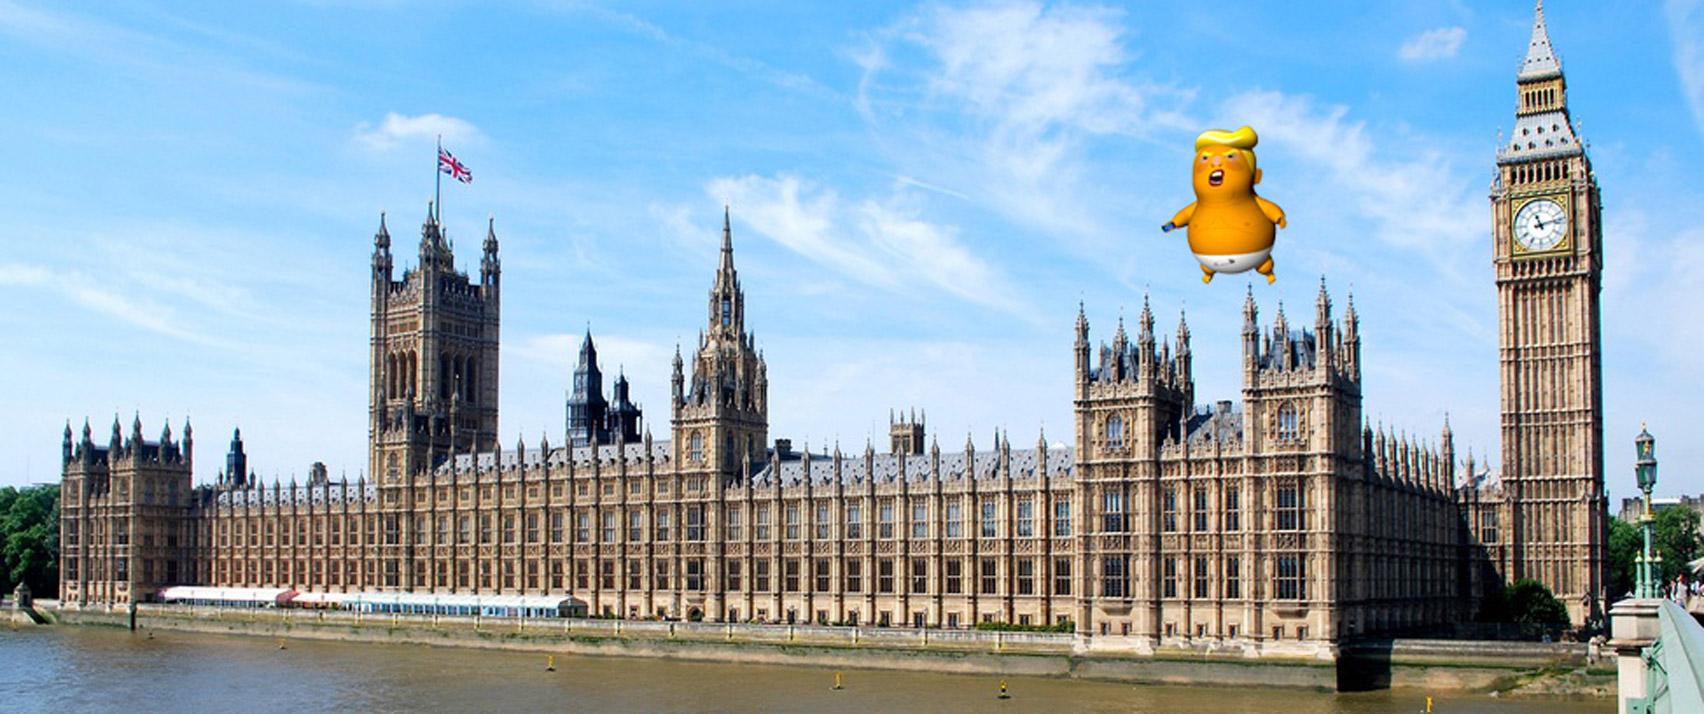 Sadiq Khan approves flight of giant, orange Trump Baby blimp over London